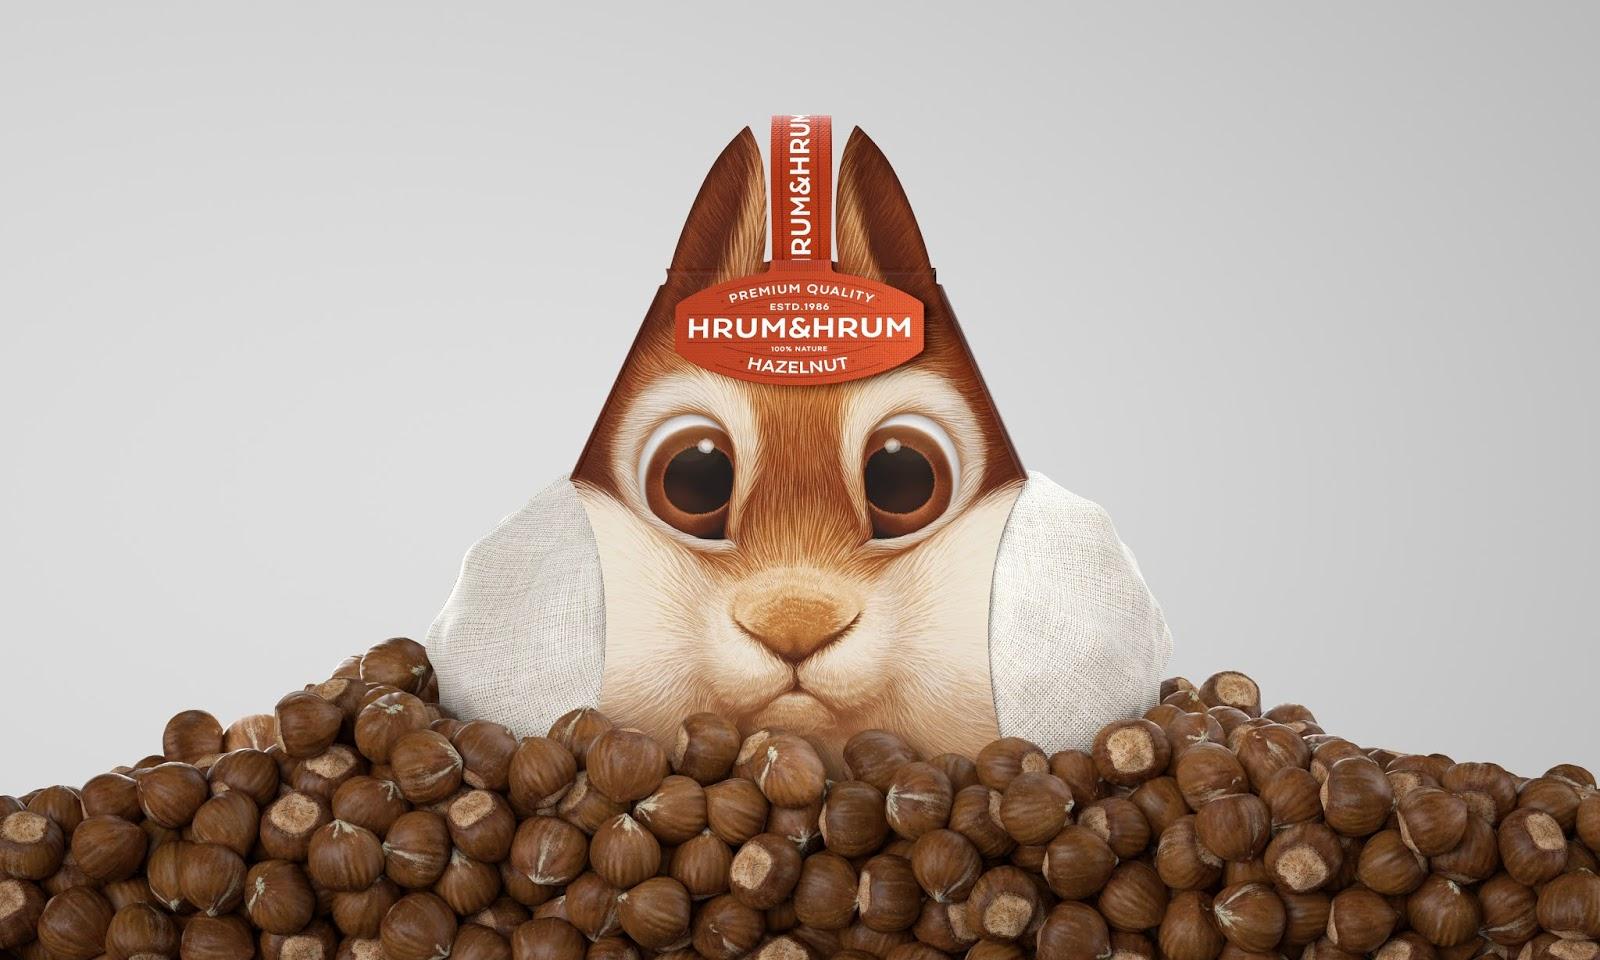 Embalagem criativa inspirada nos esquilos